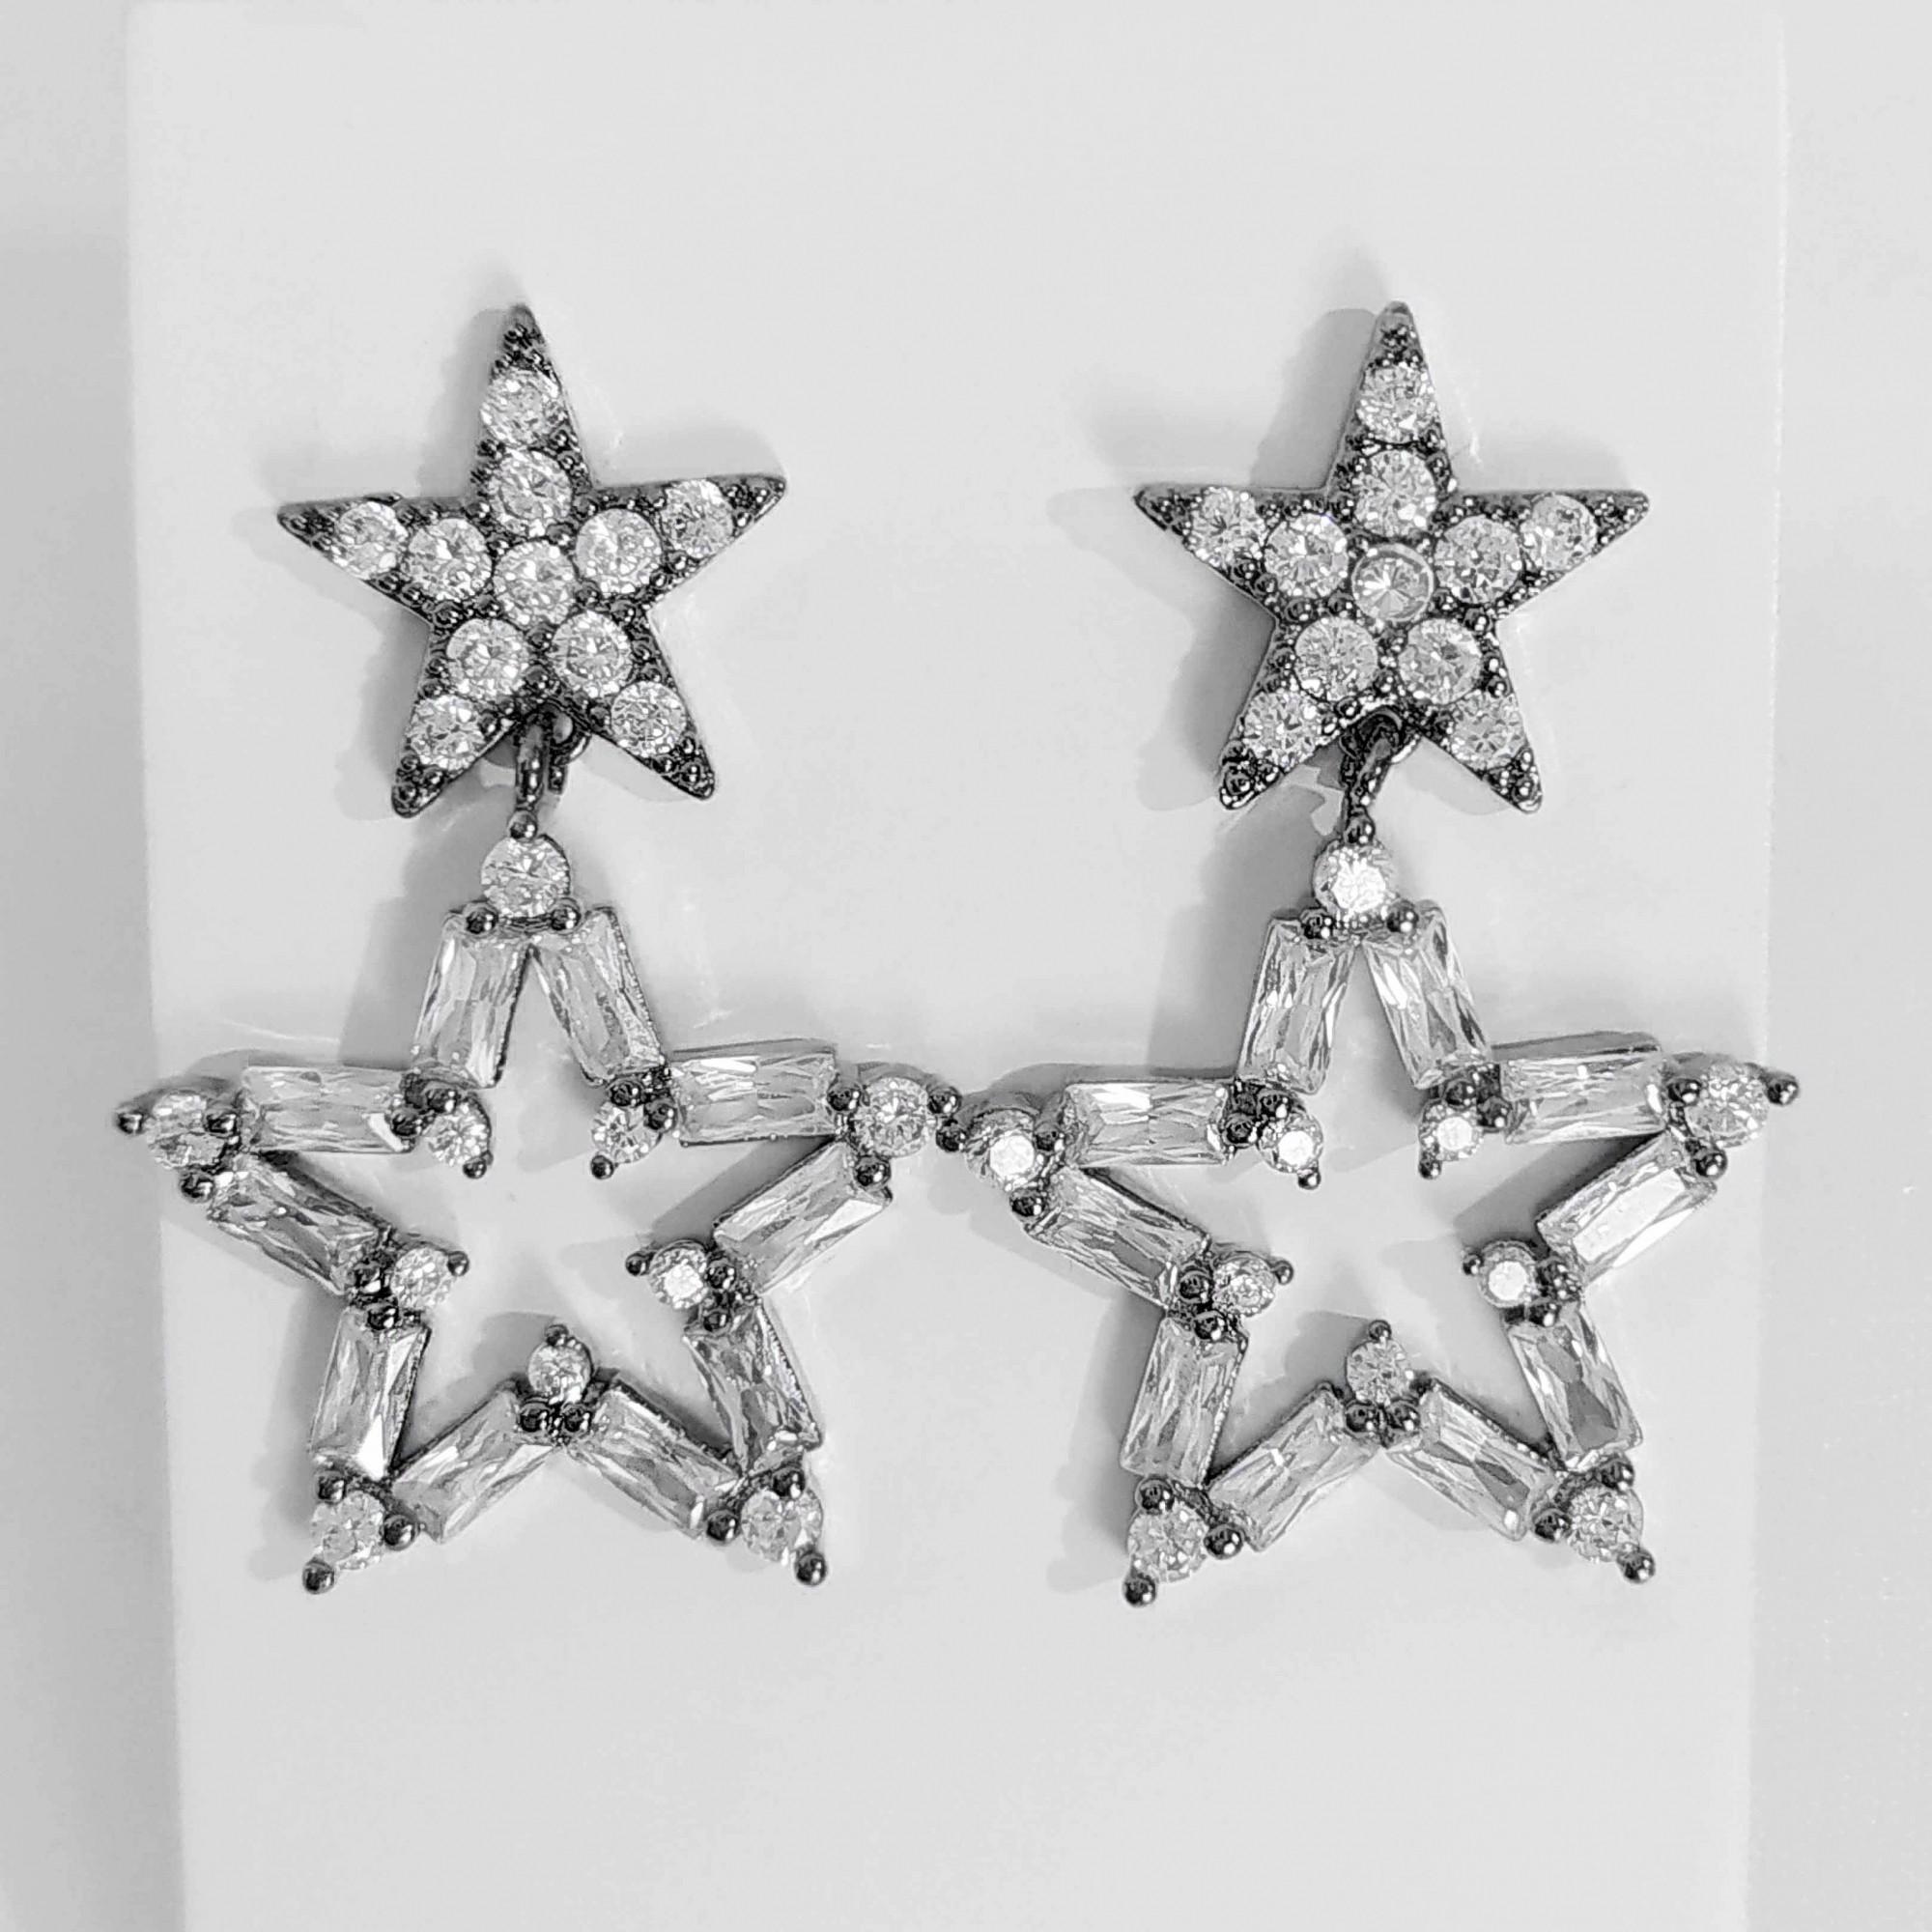 Brinco de Estrela com Zircônias Banho Ródio Negro  - Lunozê Joias